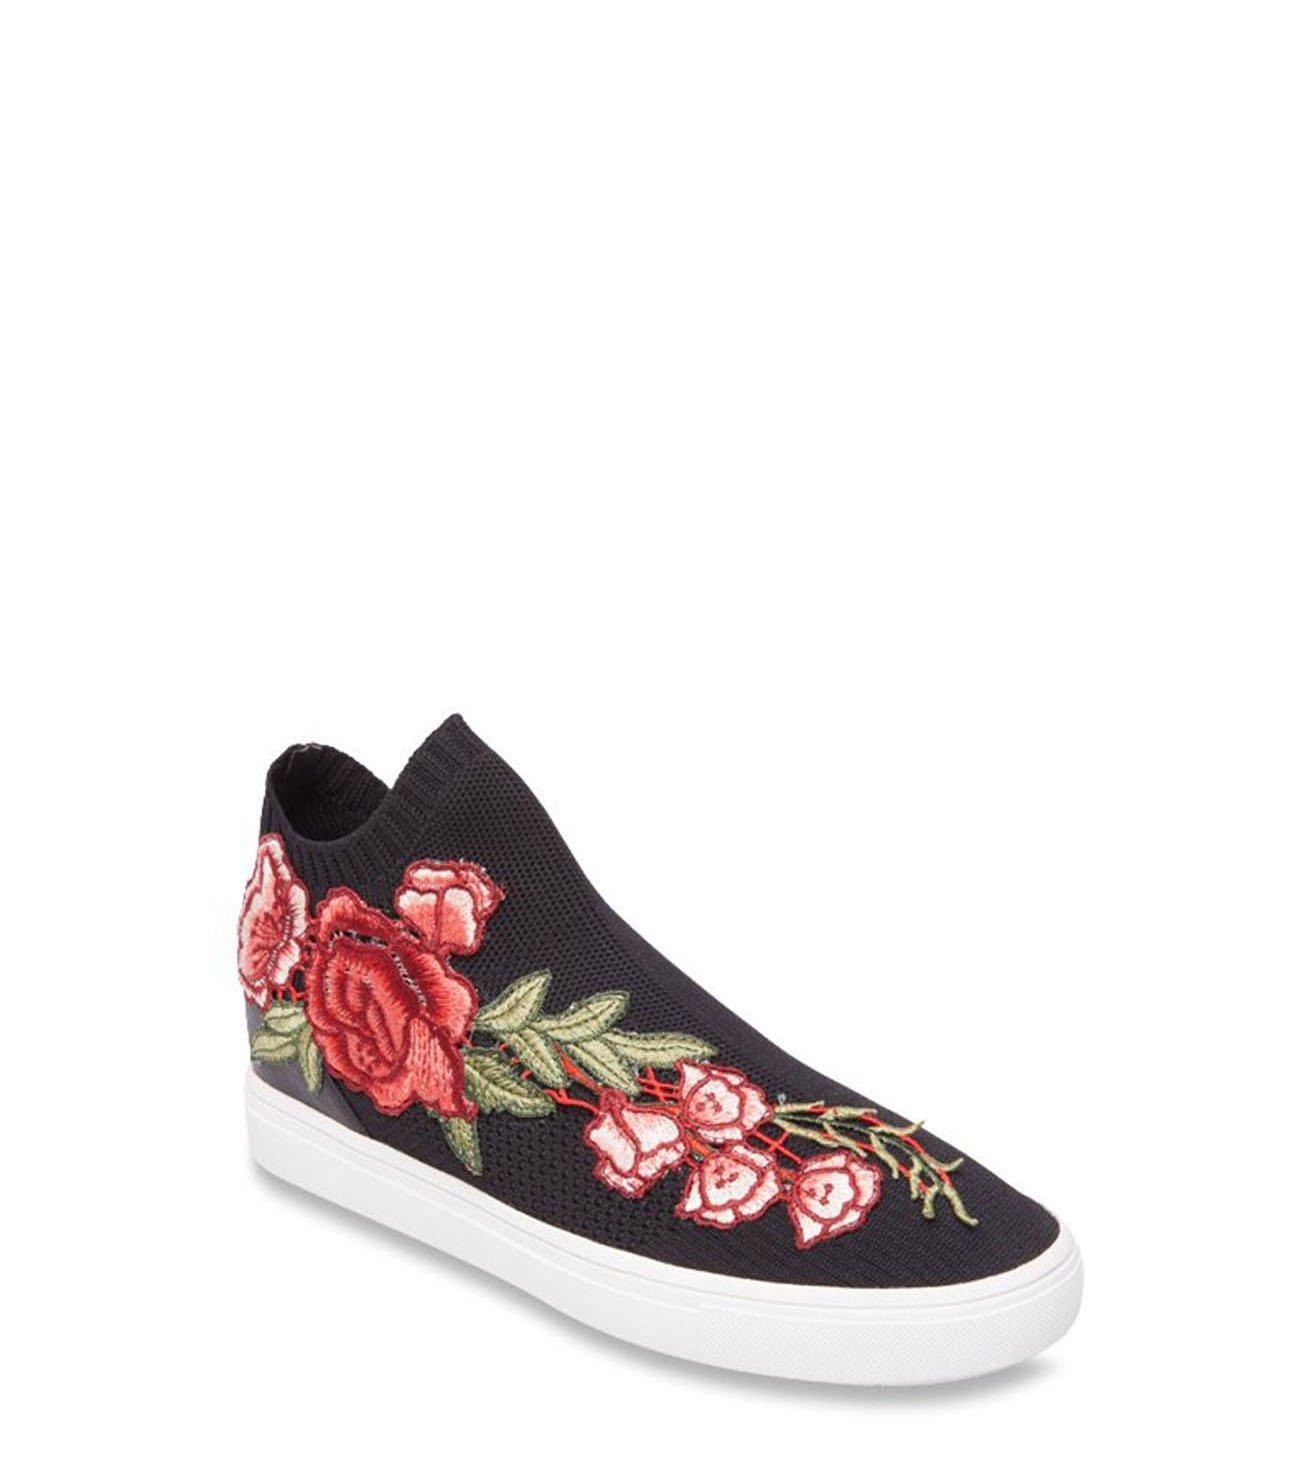 Buy Steve Madden Sly-P Black Ankle High